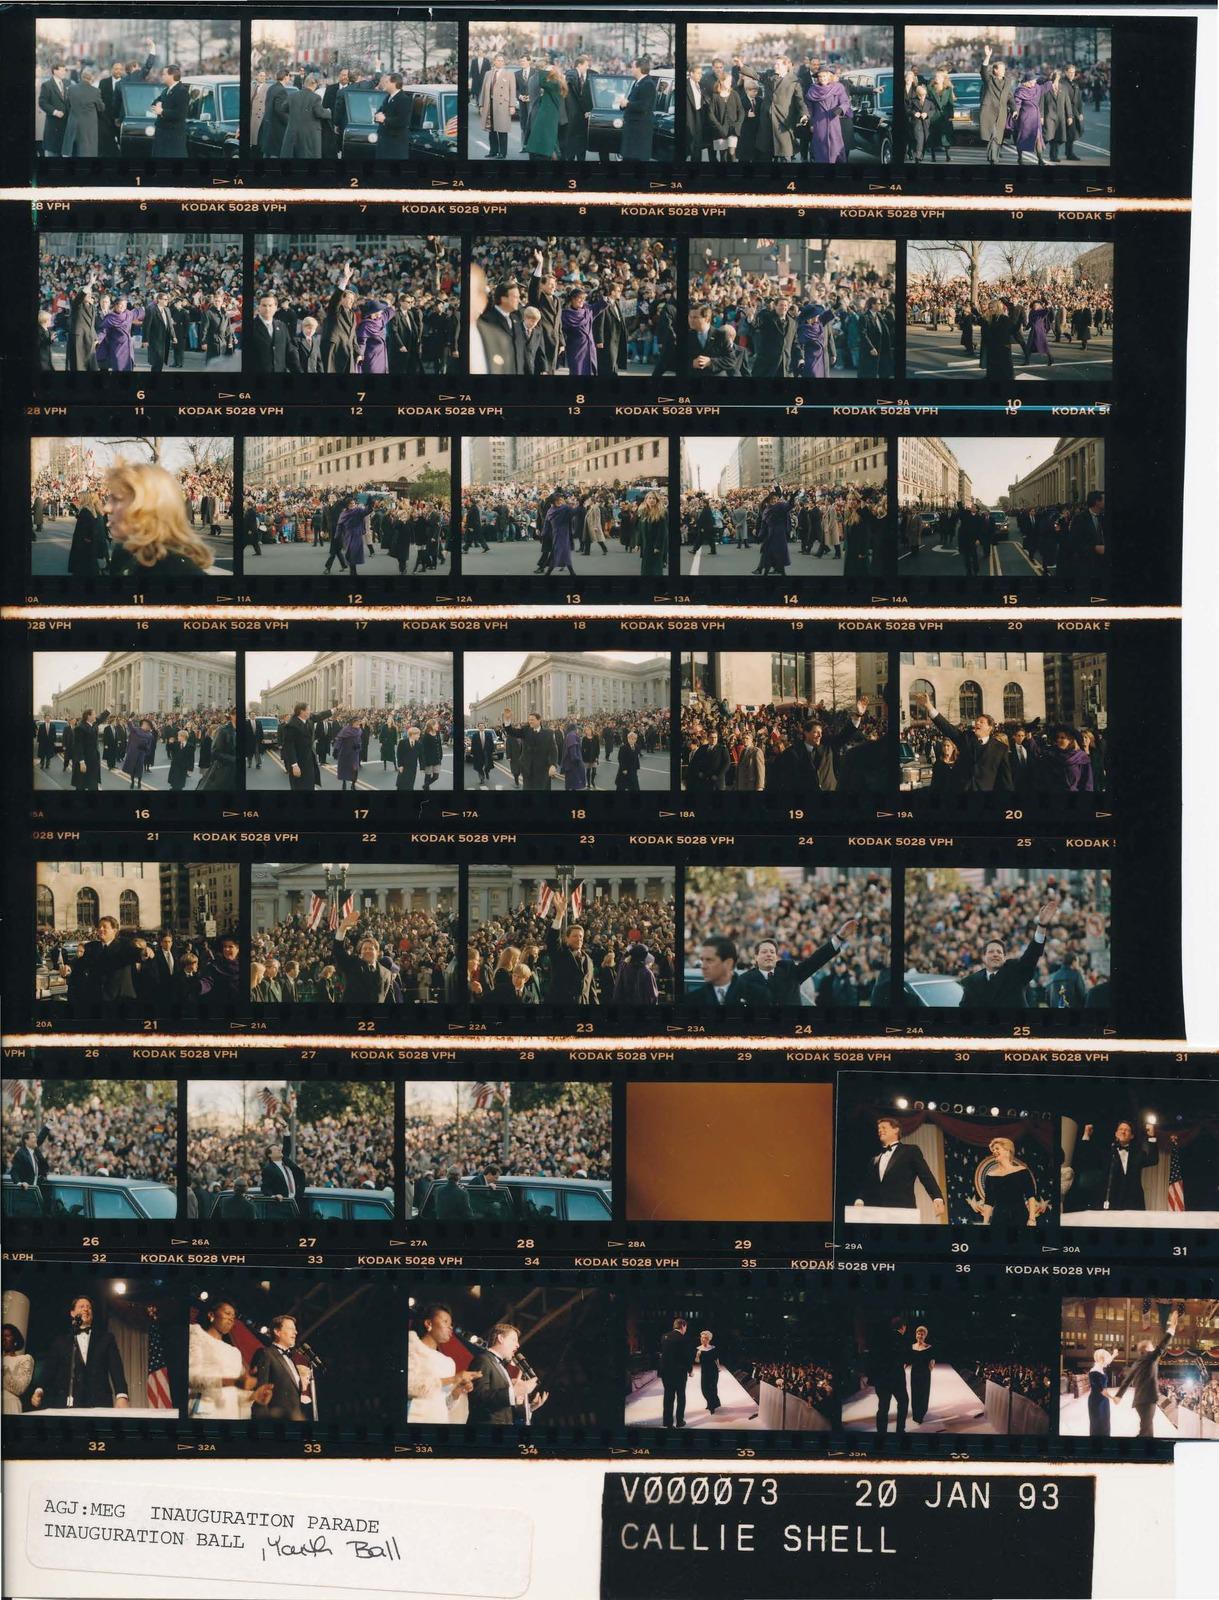 V000073, January 20, 1993